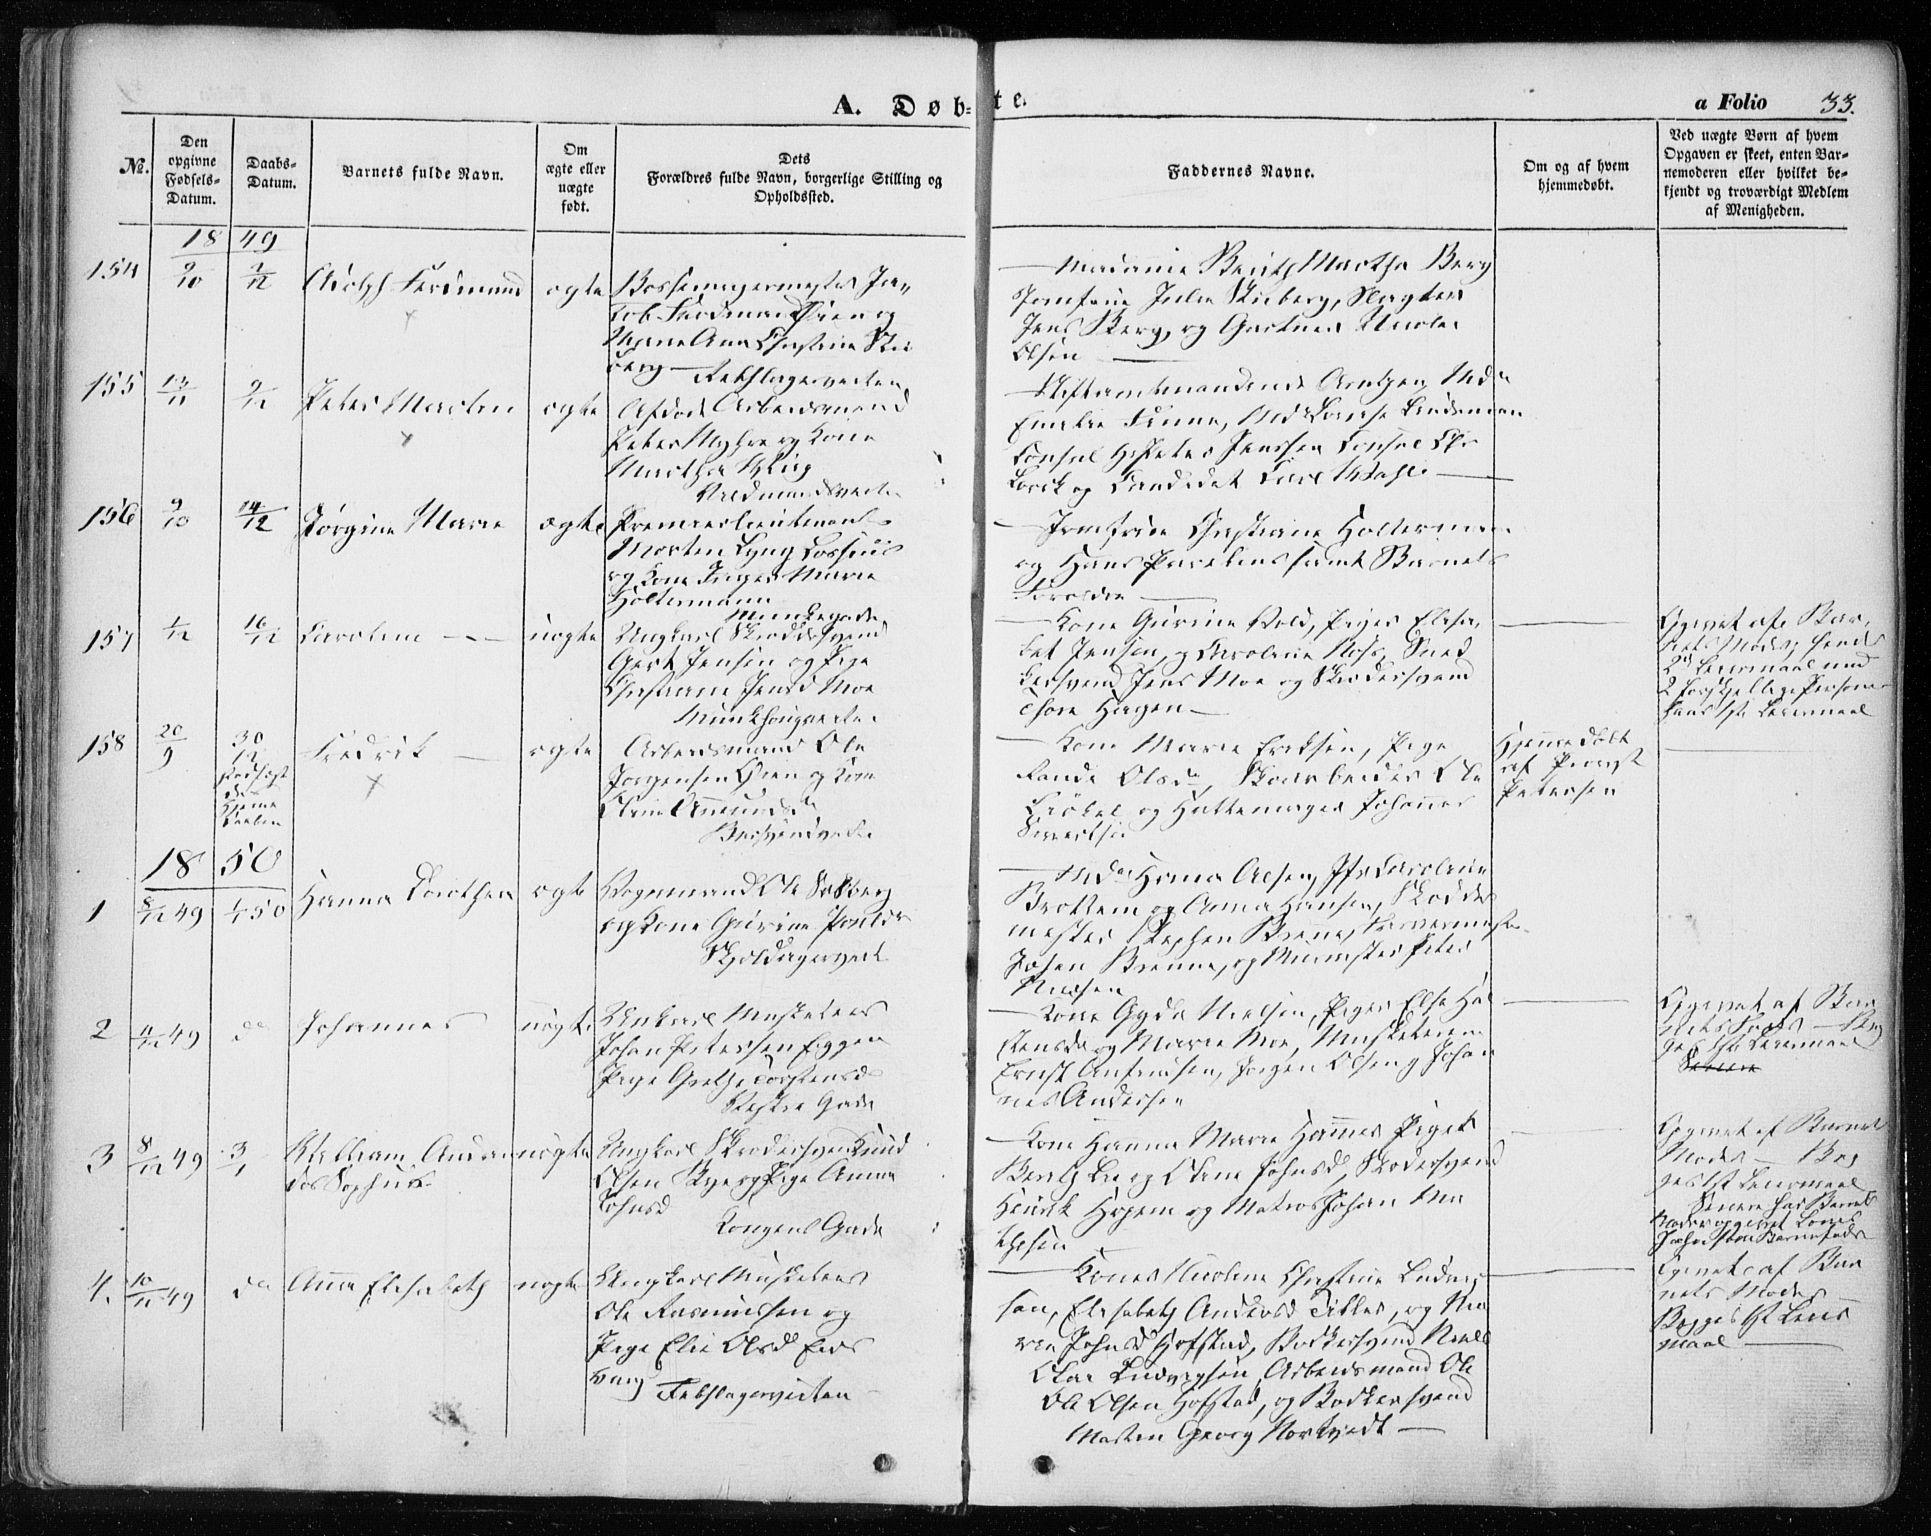 SAT, Ministerialprotokoller, klokkerbøker og fødselsregistre - Sør-Trøndelag, 601/L0051: Ministerialbok nr. 601A19, 1848-1857, s. 33